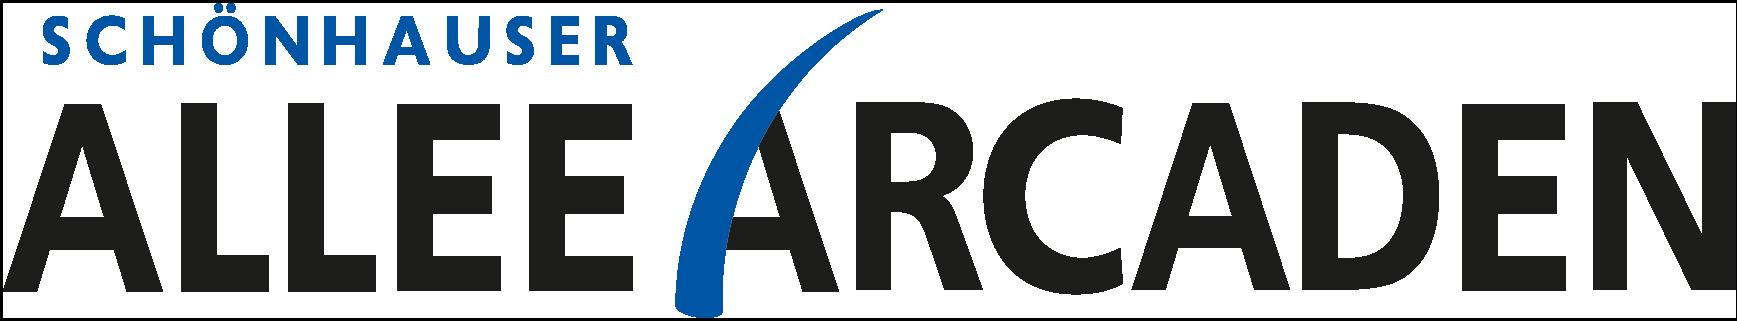 Schönhauser Allee Arcaden Logo